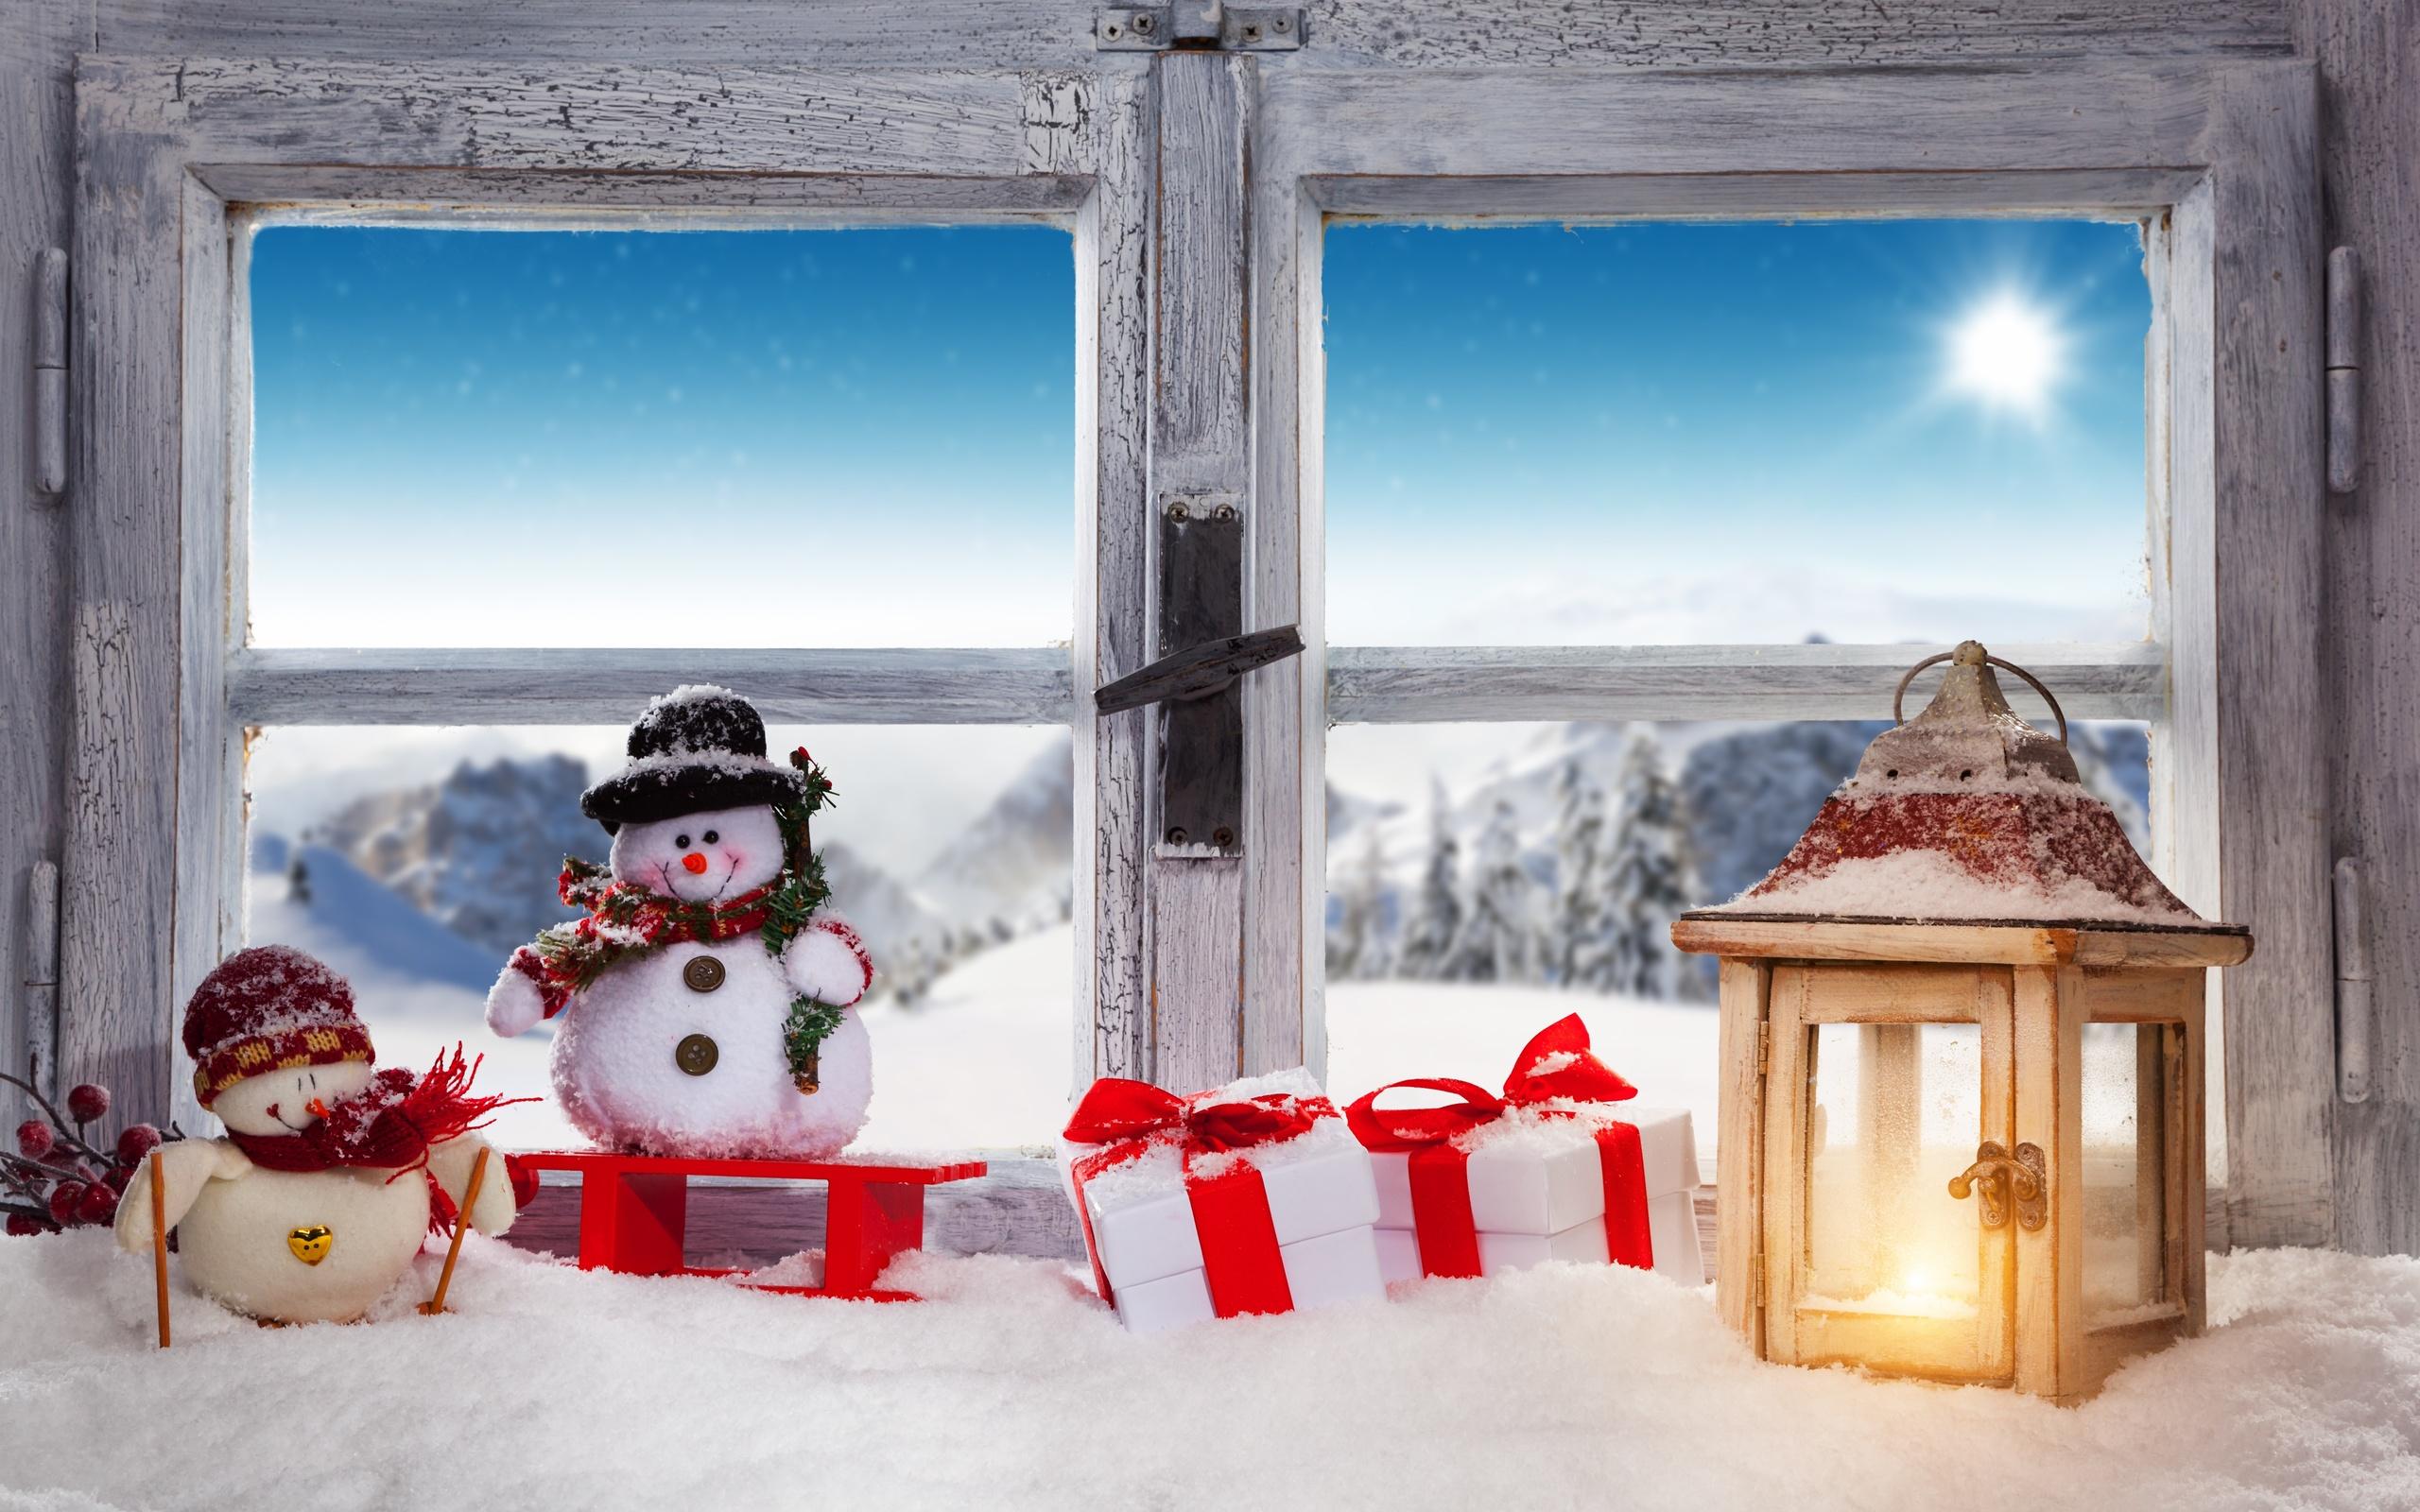 Папе день, картинка новогоднее окно